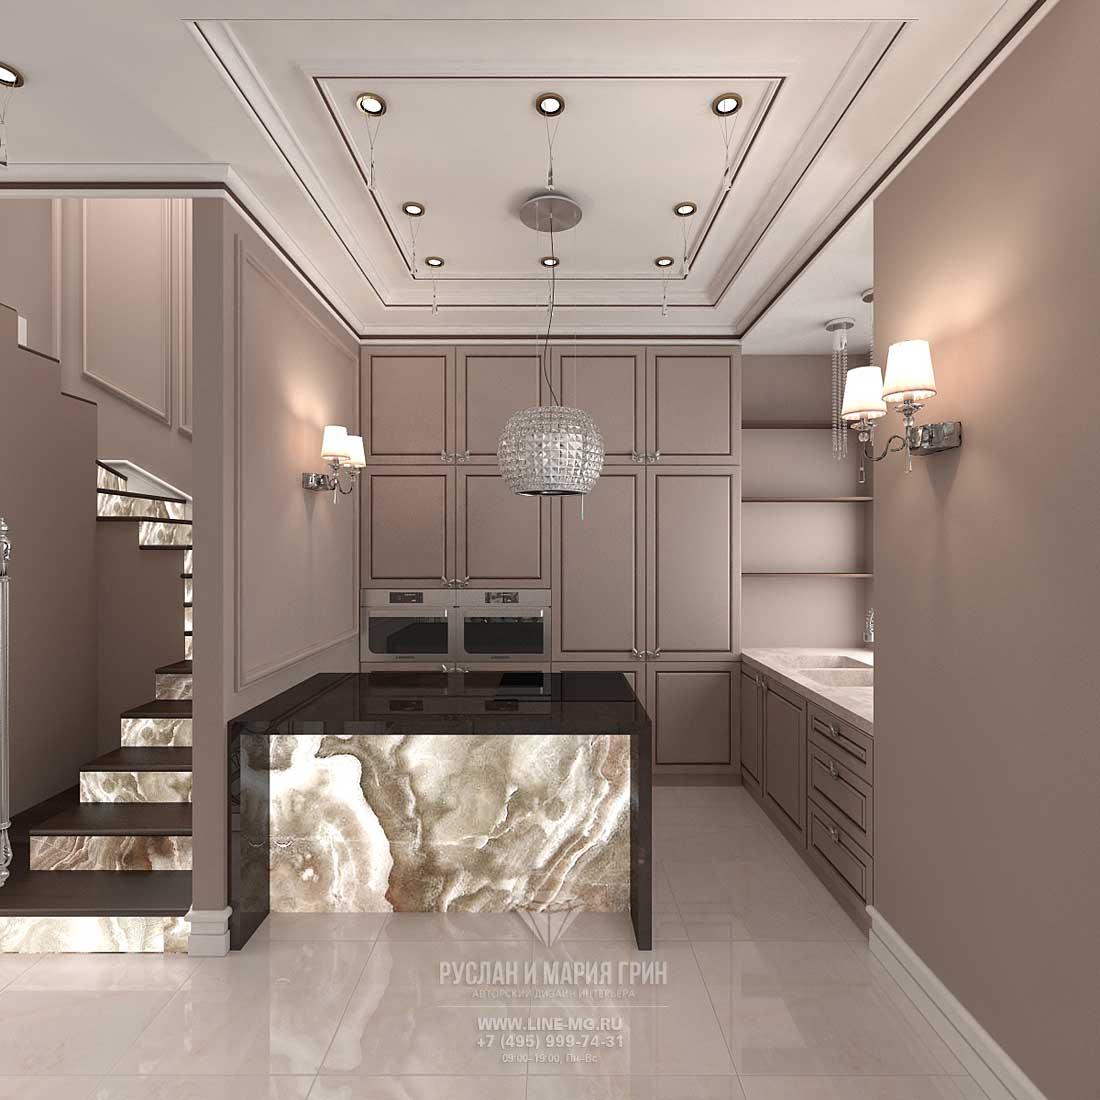 Идея дизайна кухни-прихожей в таунхаусе